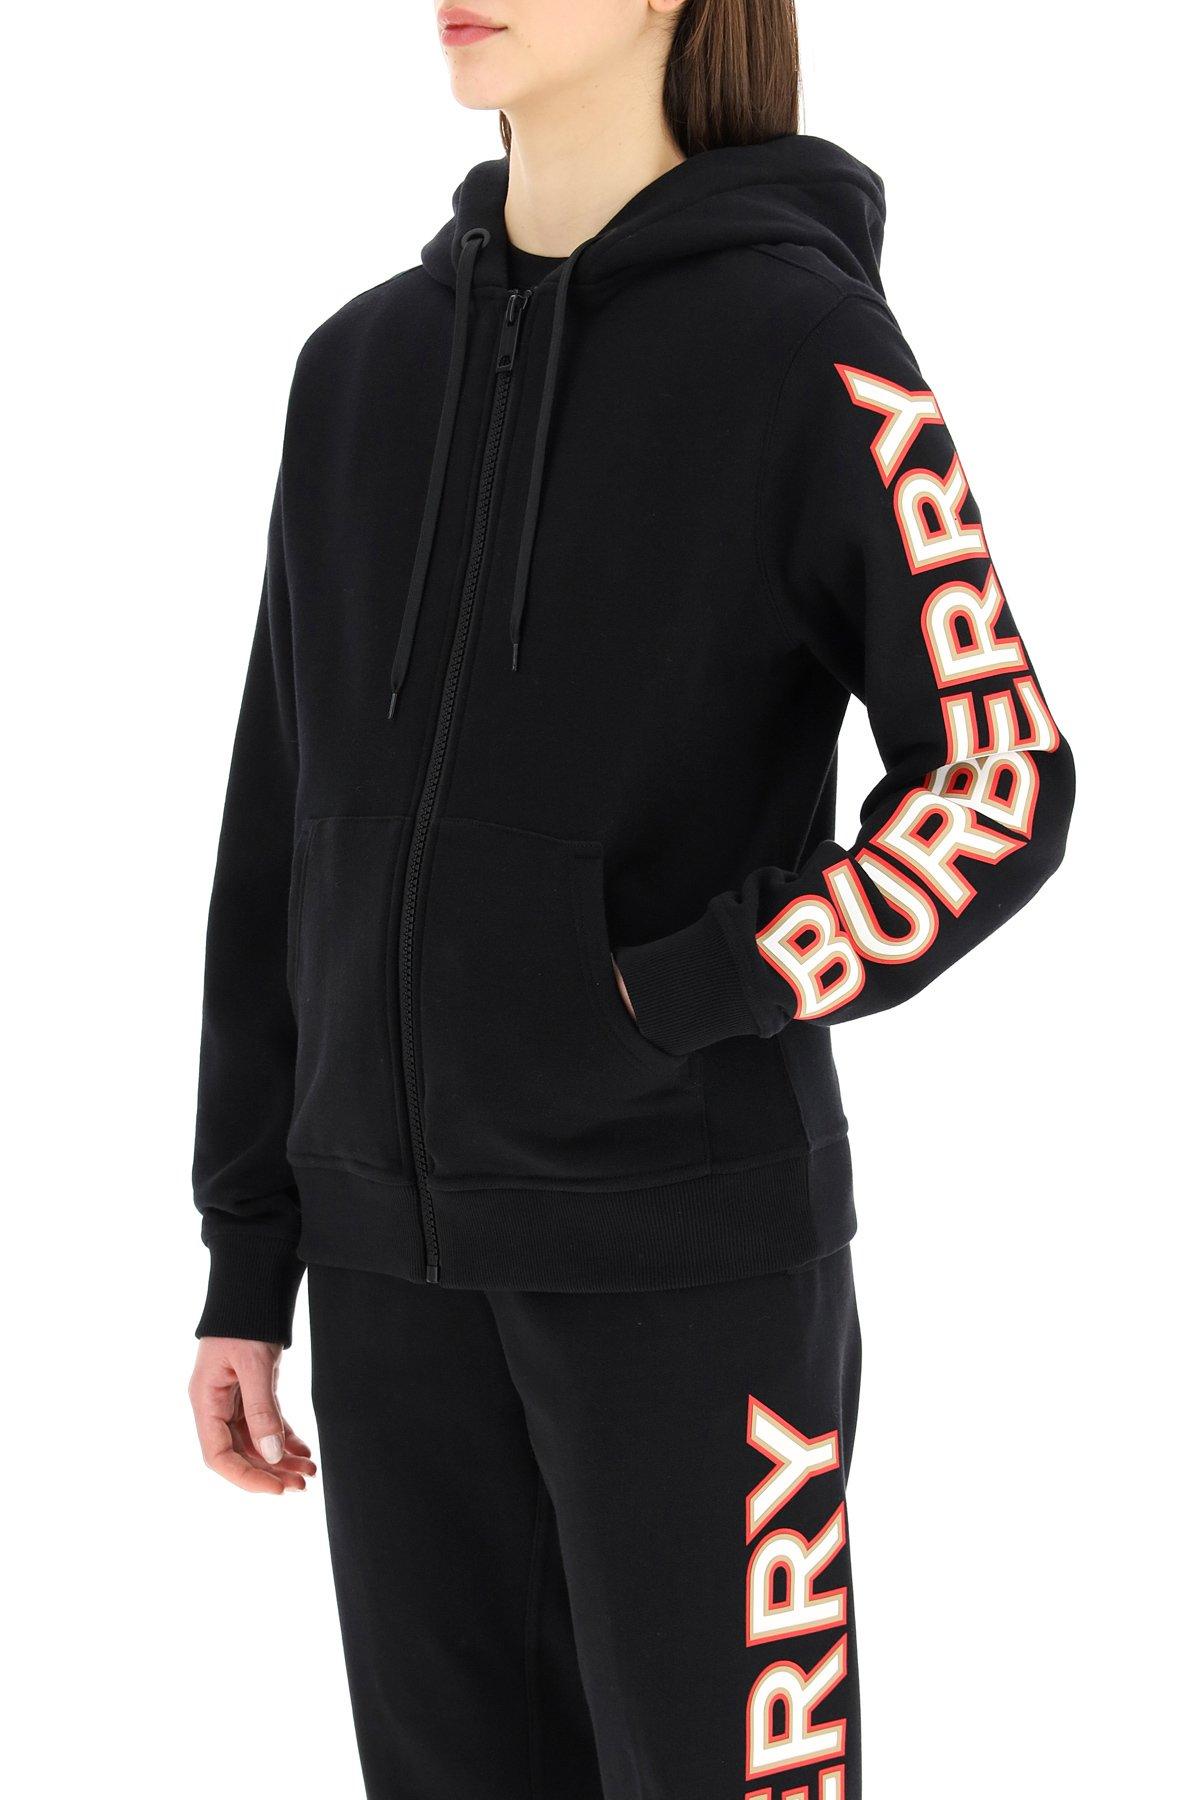 Burberry felpa rylee con cappuccio e logo stampato